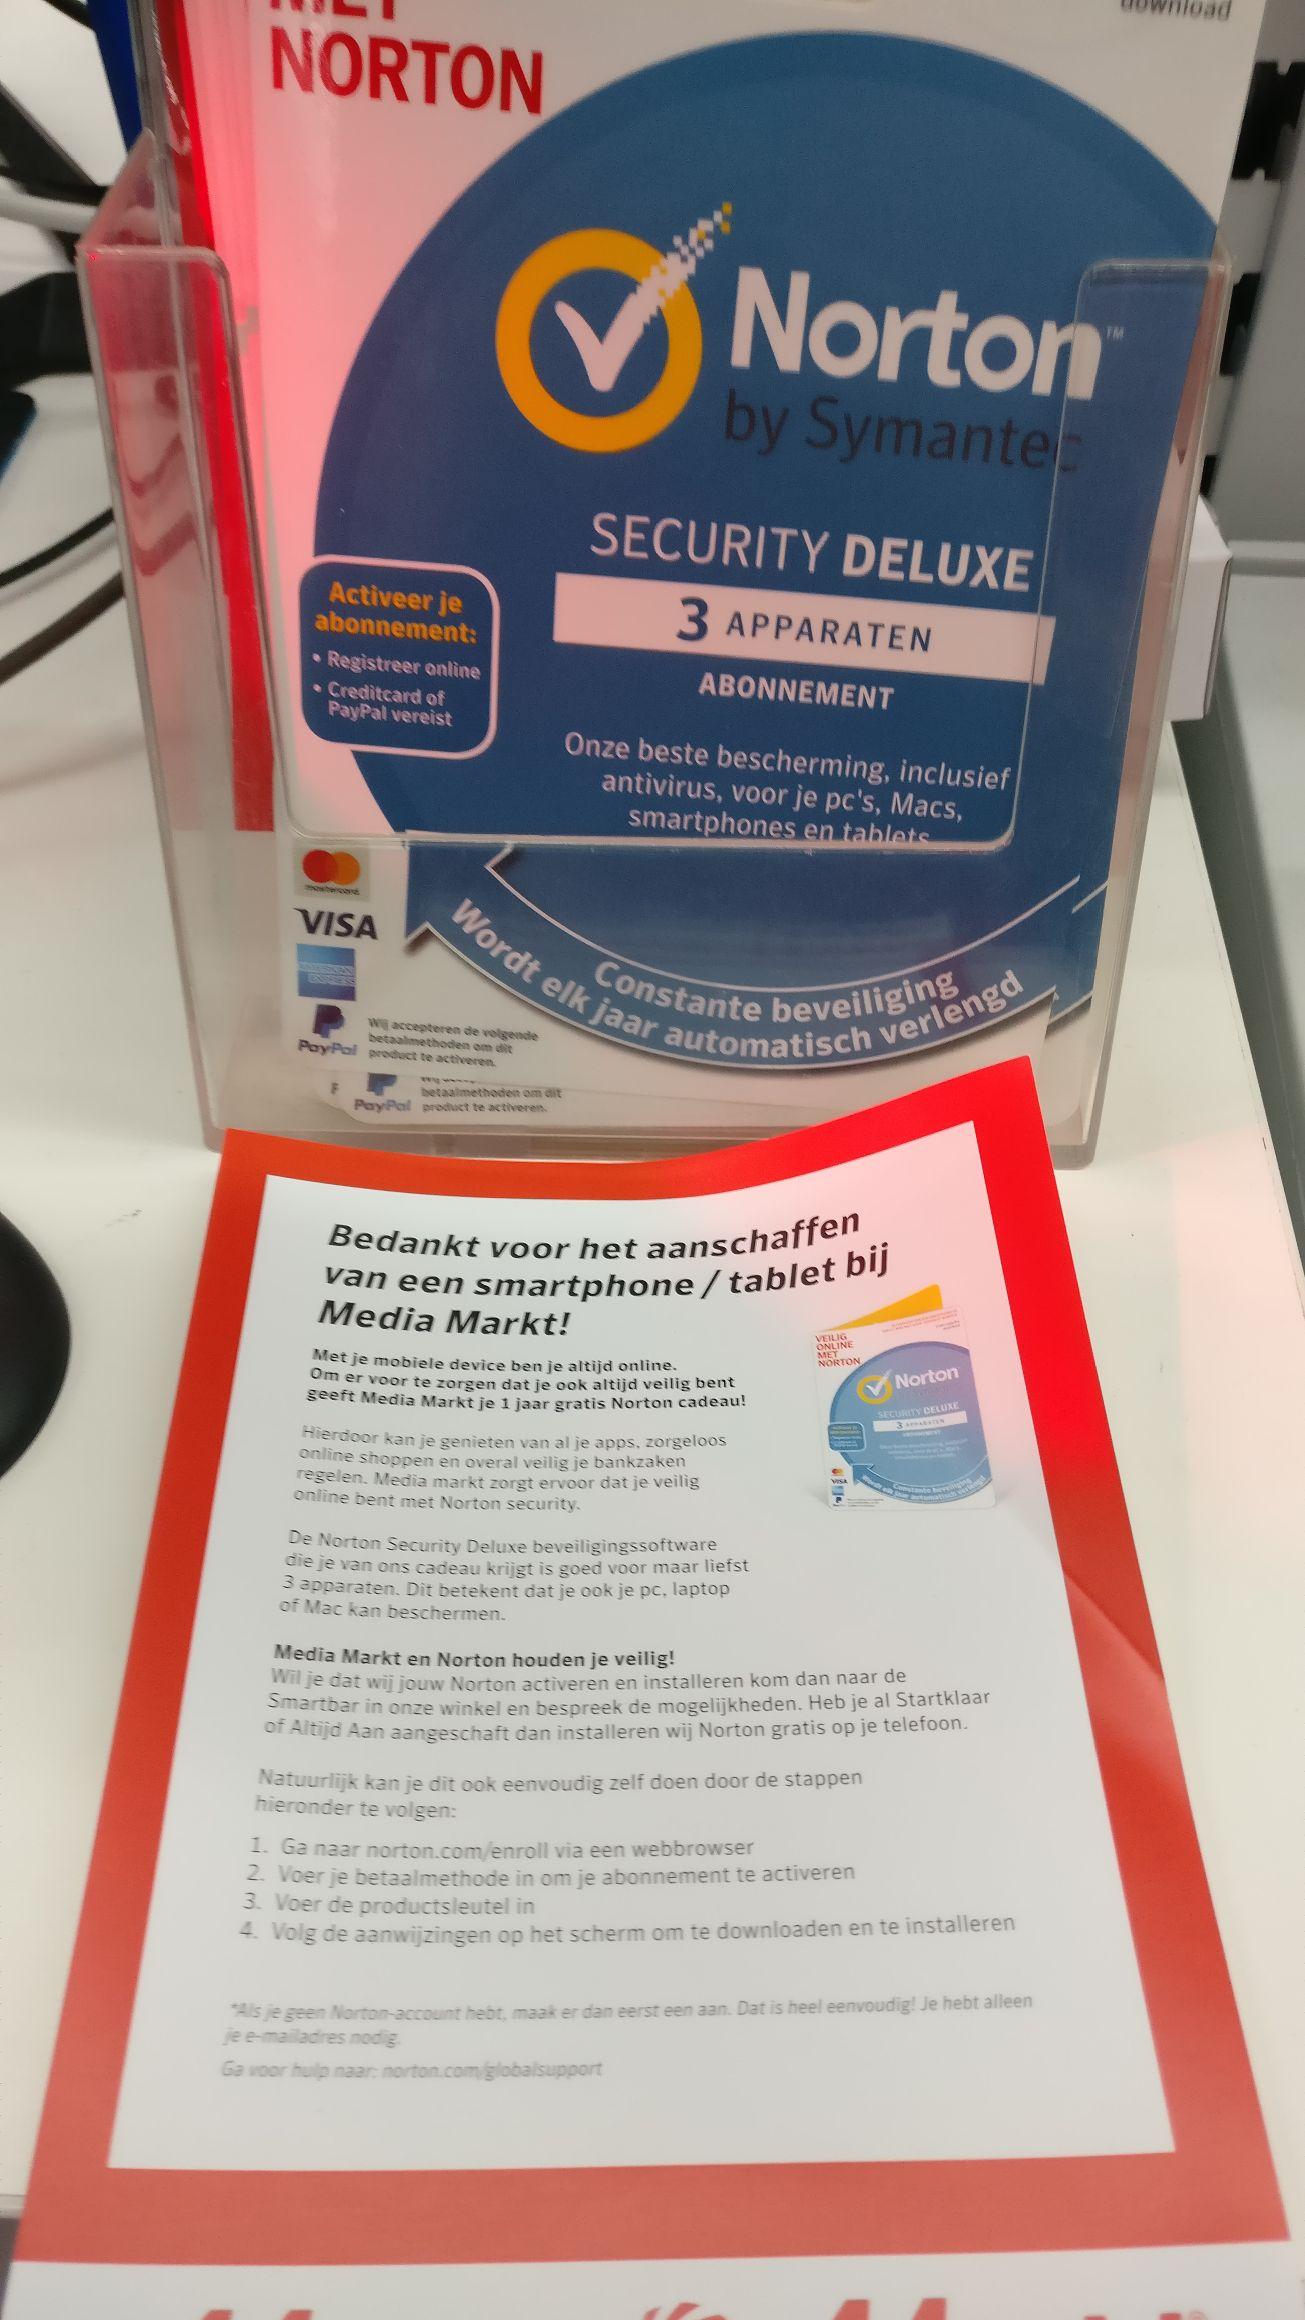 Gratis Norton antivirus (1jaar) bij aanschaf van een smartphone of tablet @Mediamarkt Amersfoort